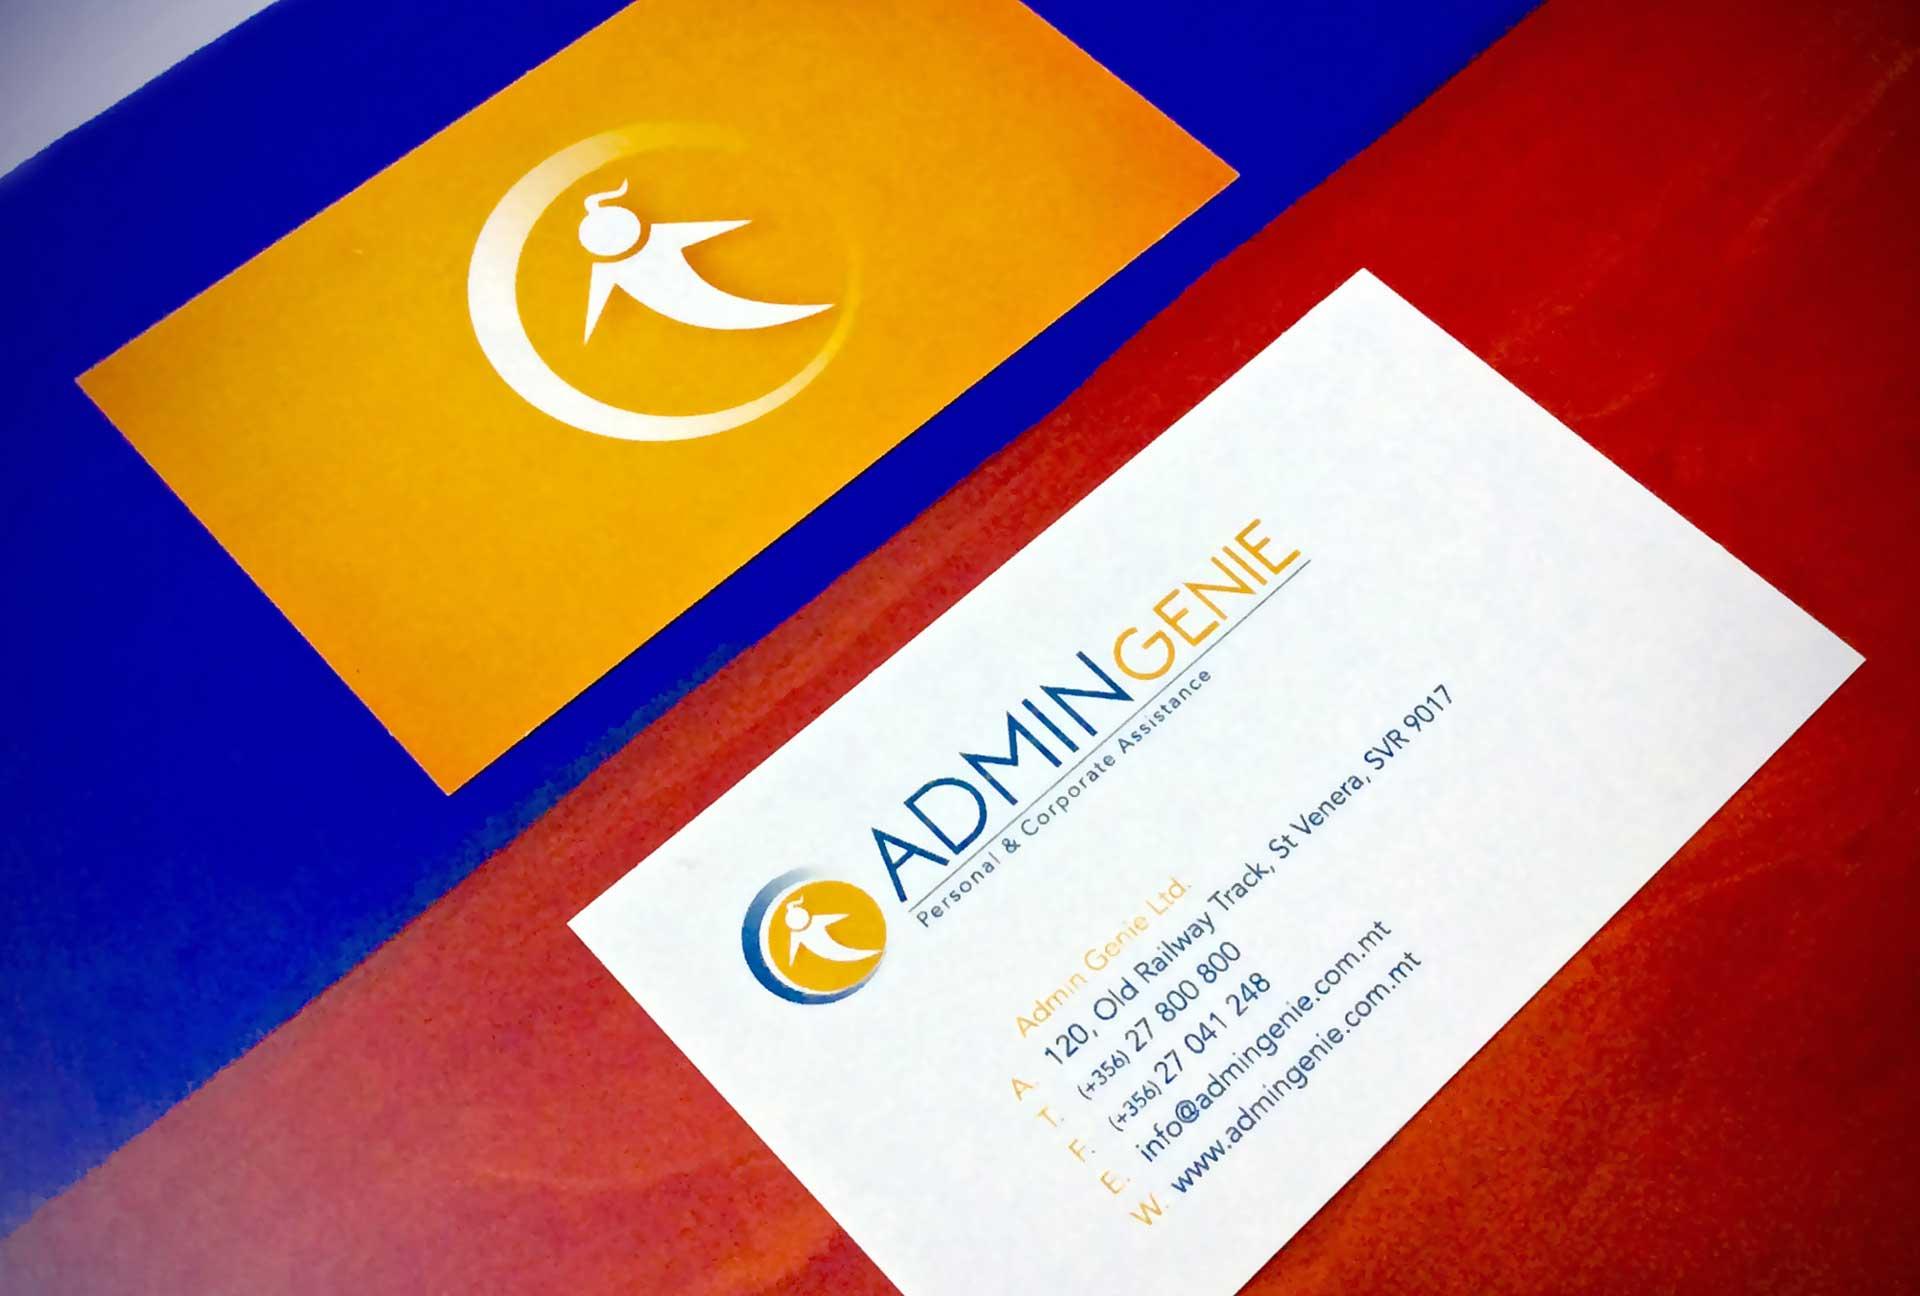 Business Cards - Admin Genie